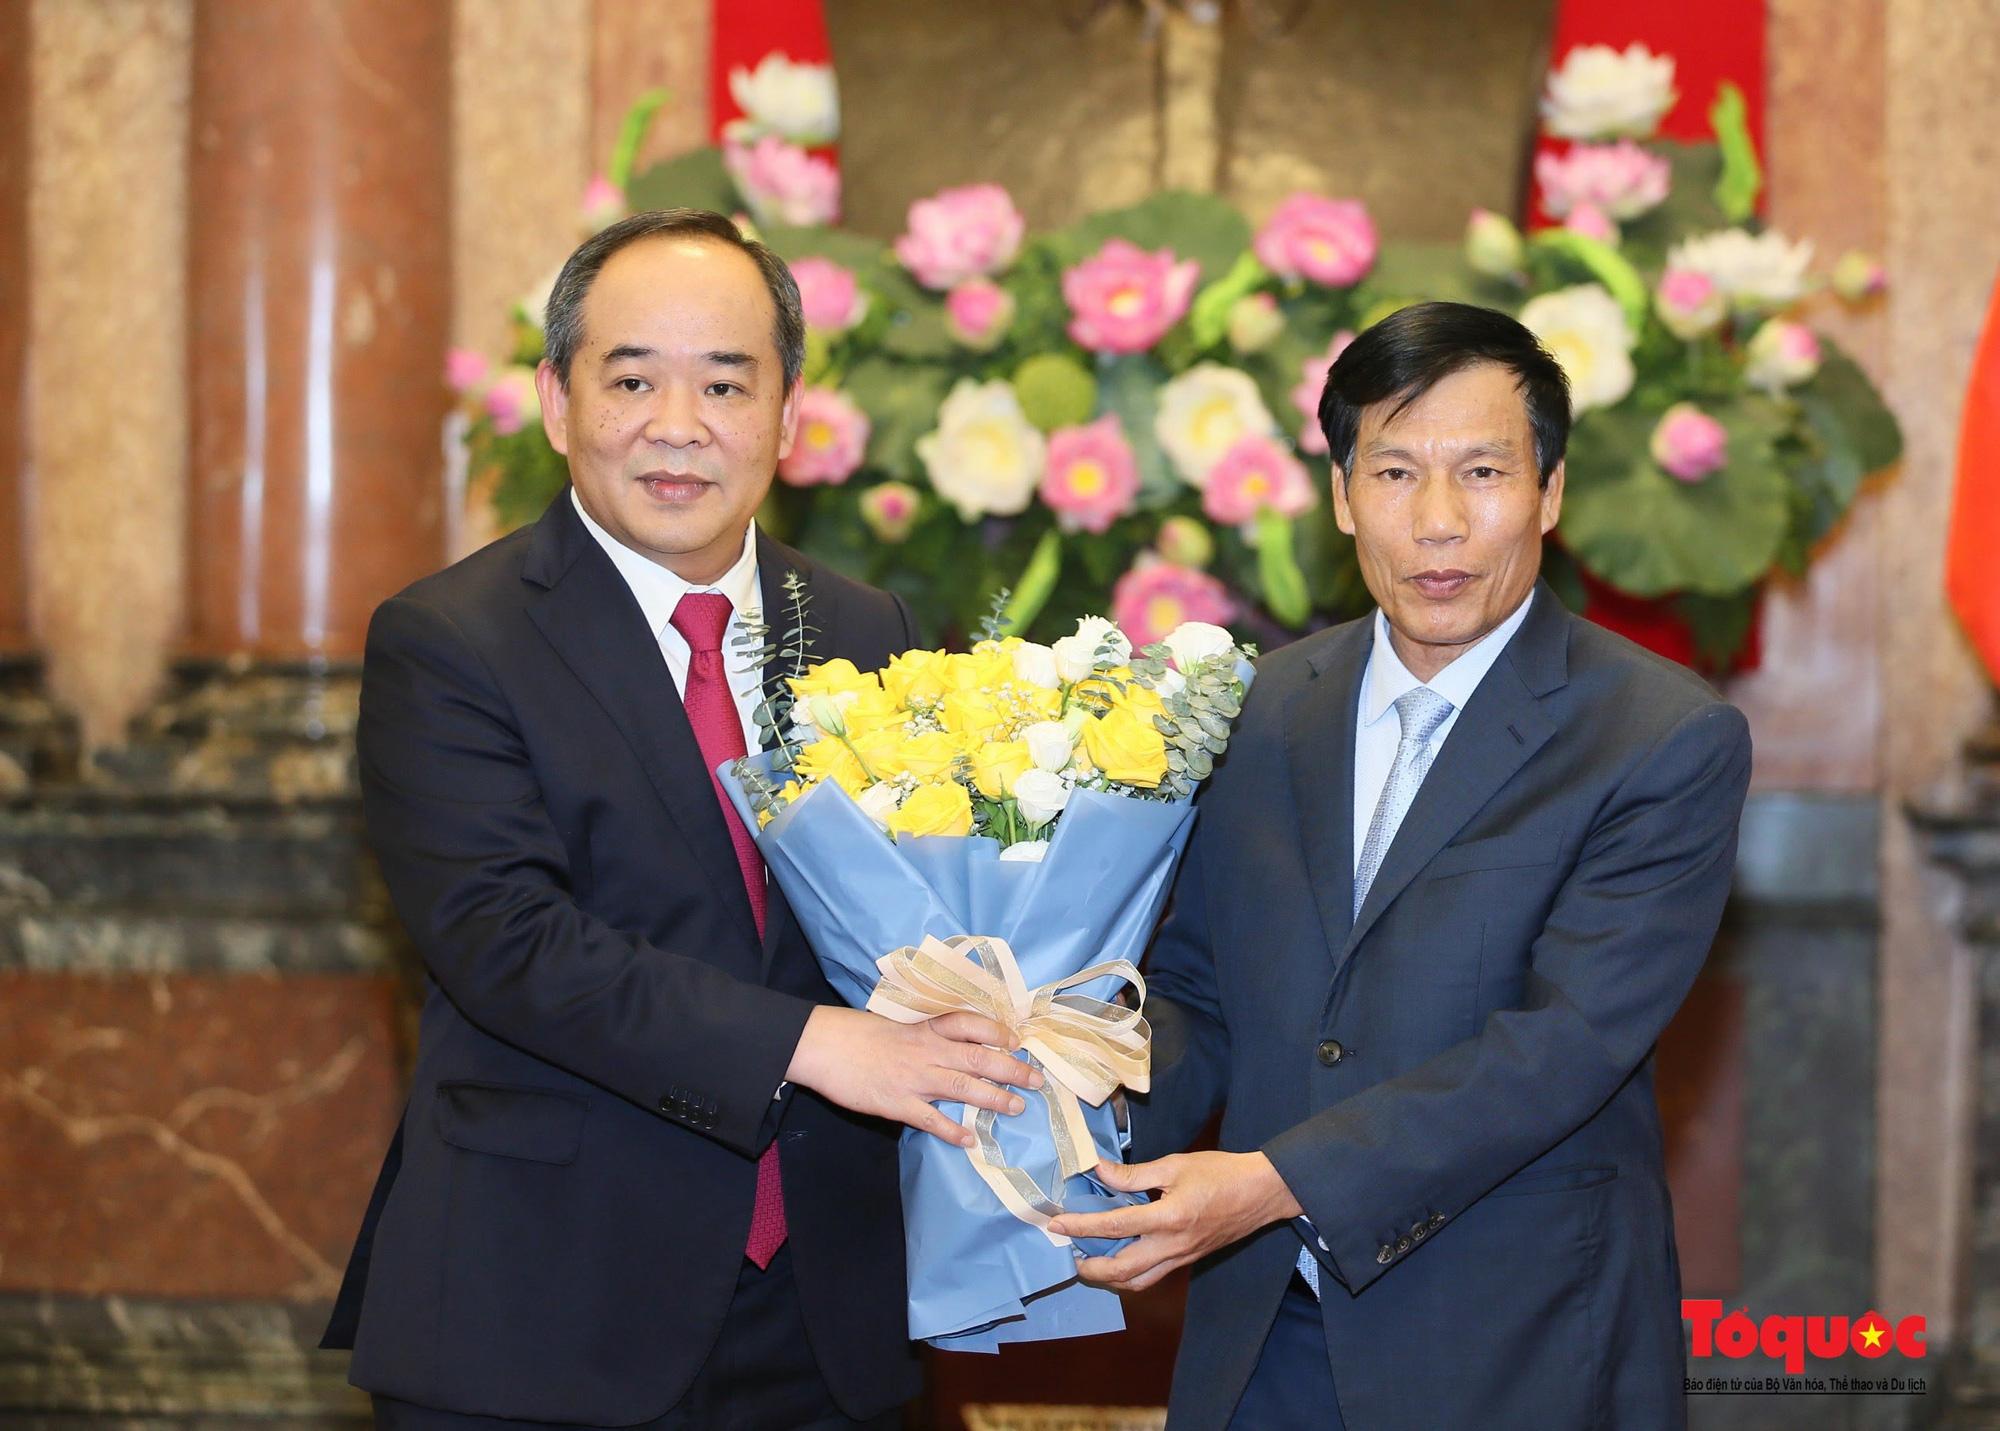 Thứ trưởng Bộ VHTTDL Lê Khánh Hải được bổ nhiệm làm Phó Chủ nhiệm Văn phòng Chủ tịch nước - Ảnh 6.